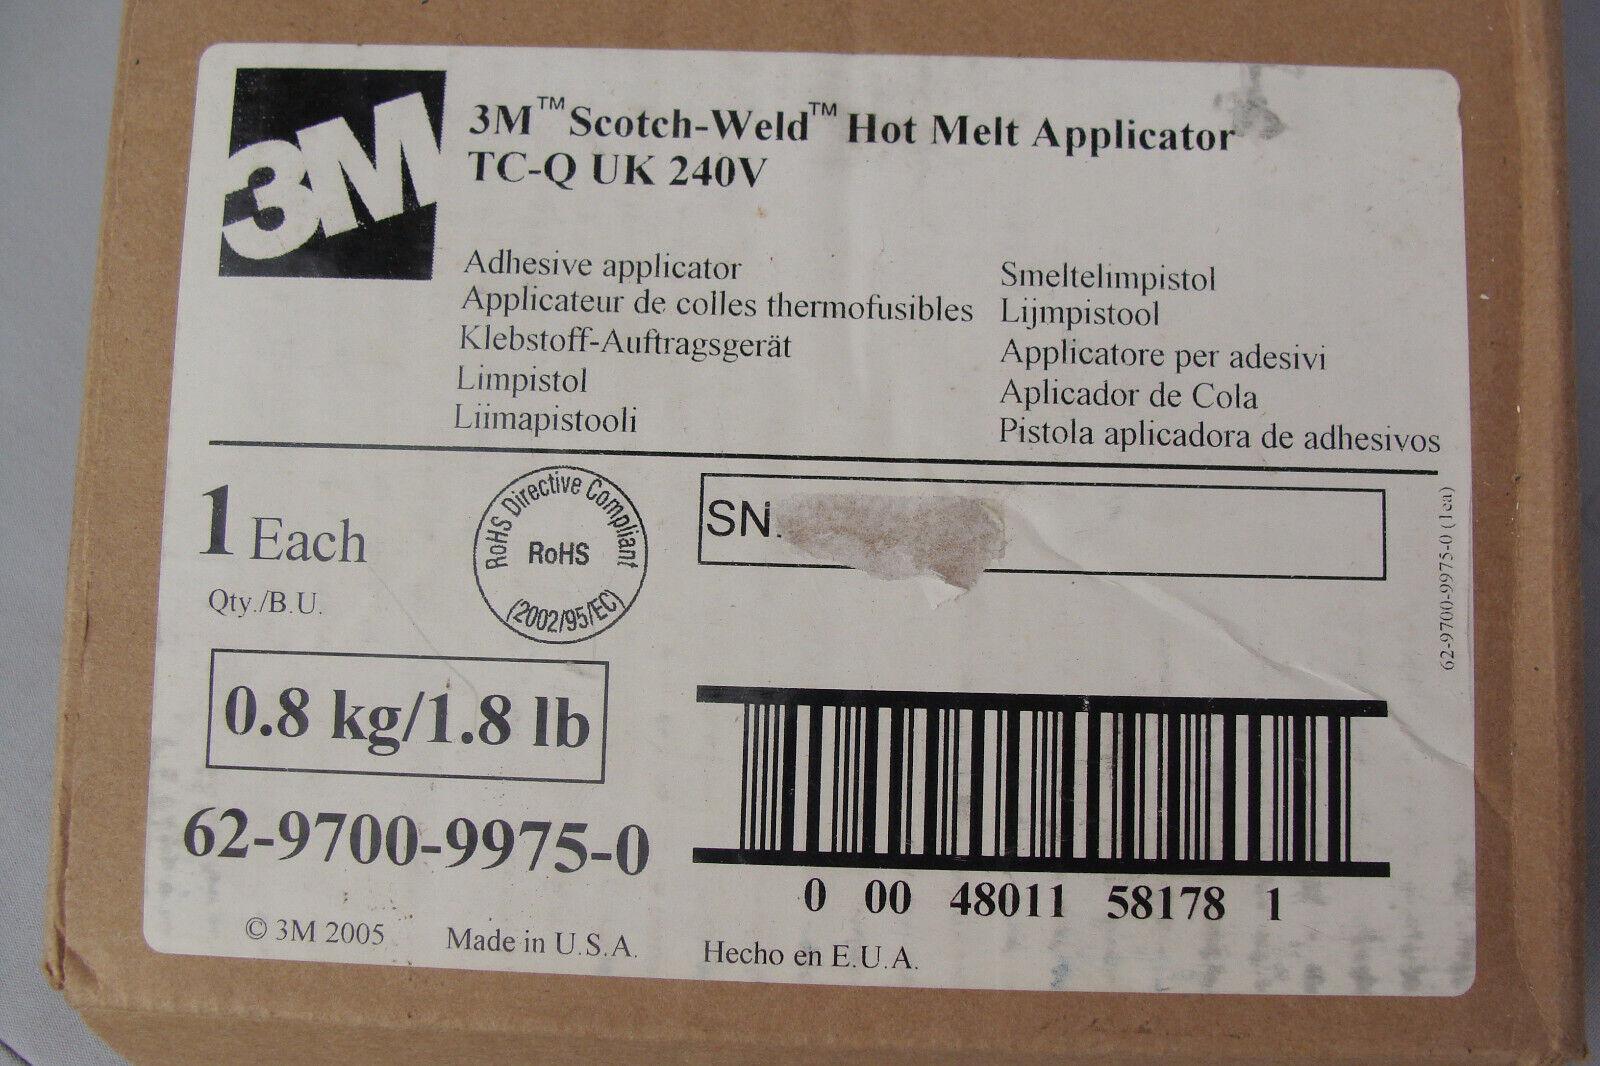 3M SCOTCH-WELD HOT MELT APPLICATOR TC w/QUADRACK & PALM TRIGGER